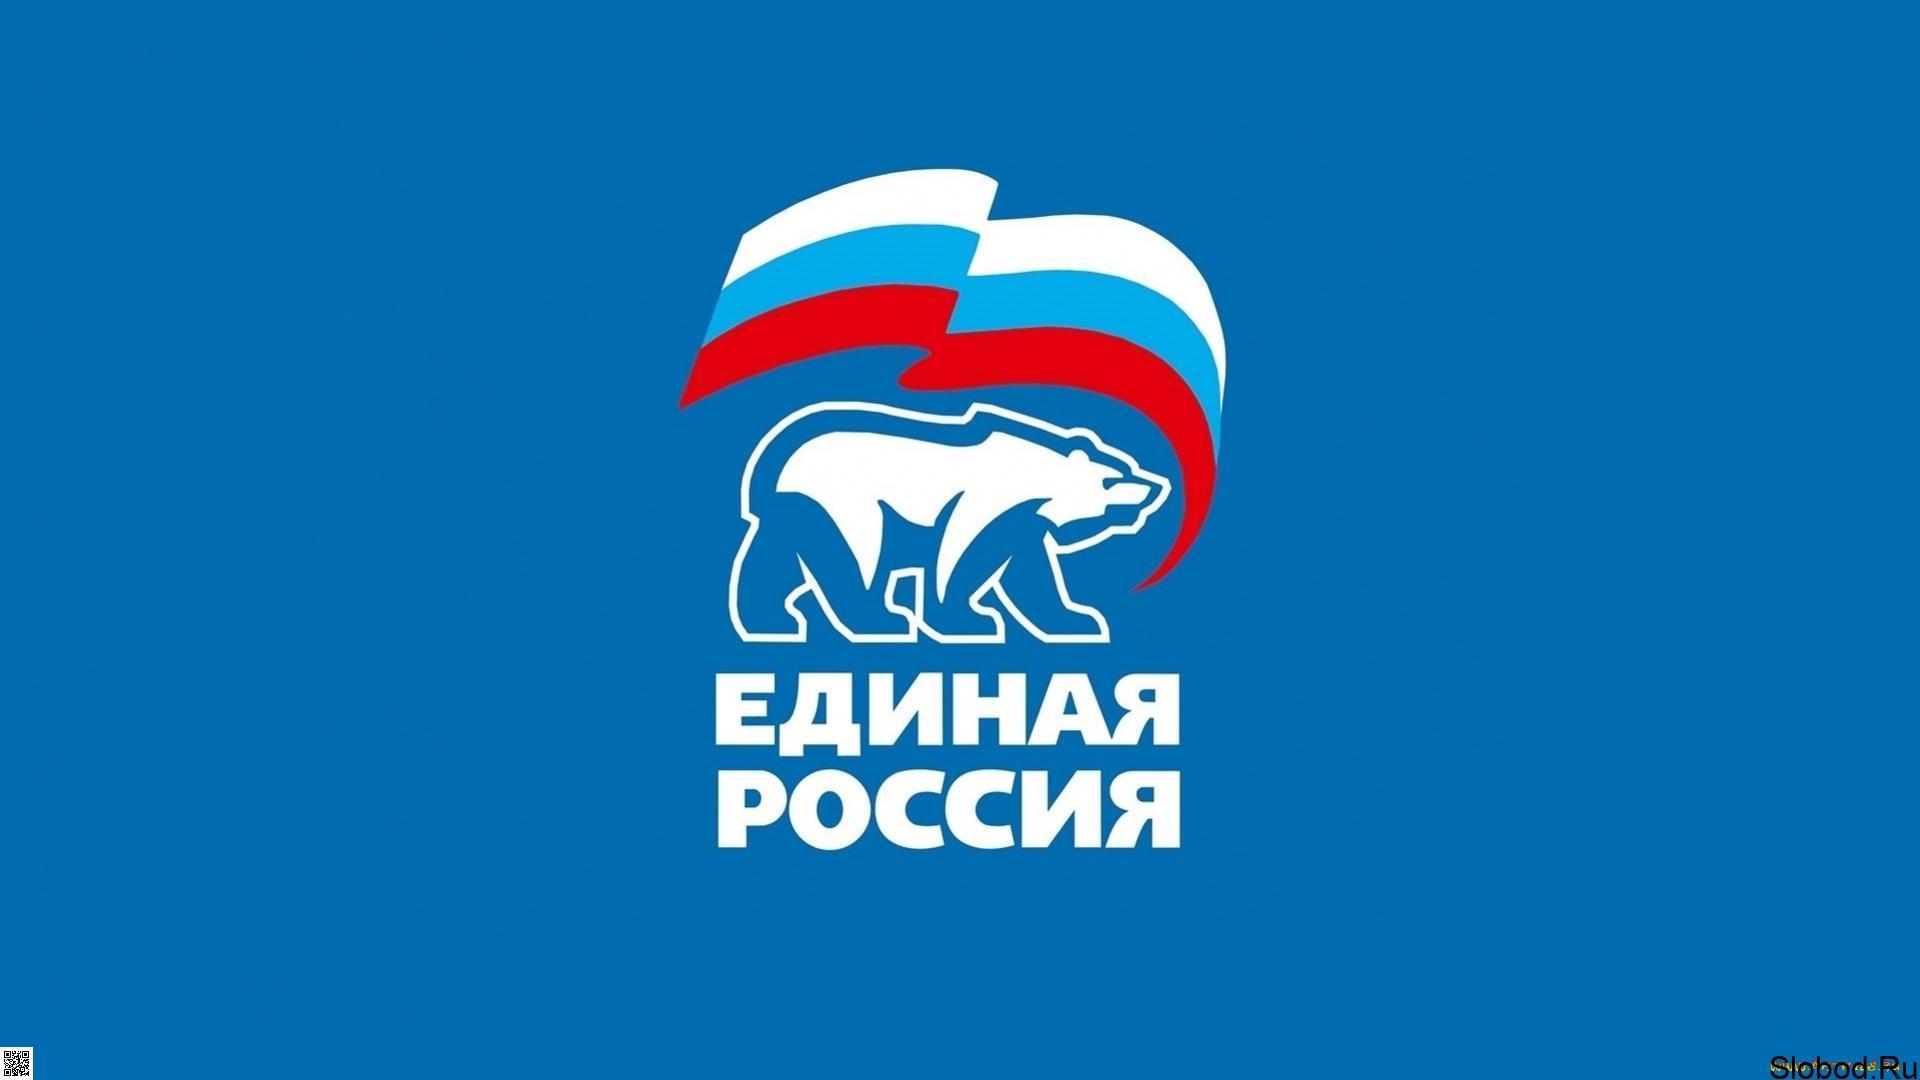 основной коробке, эмблема единой россии картинка как травить таких